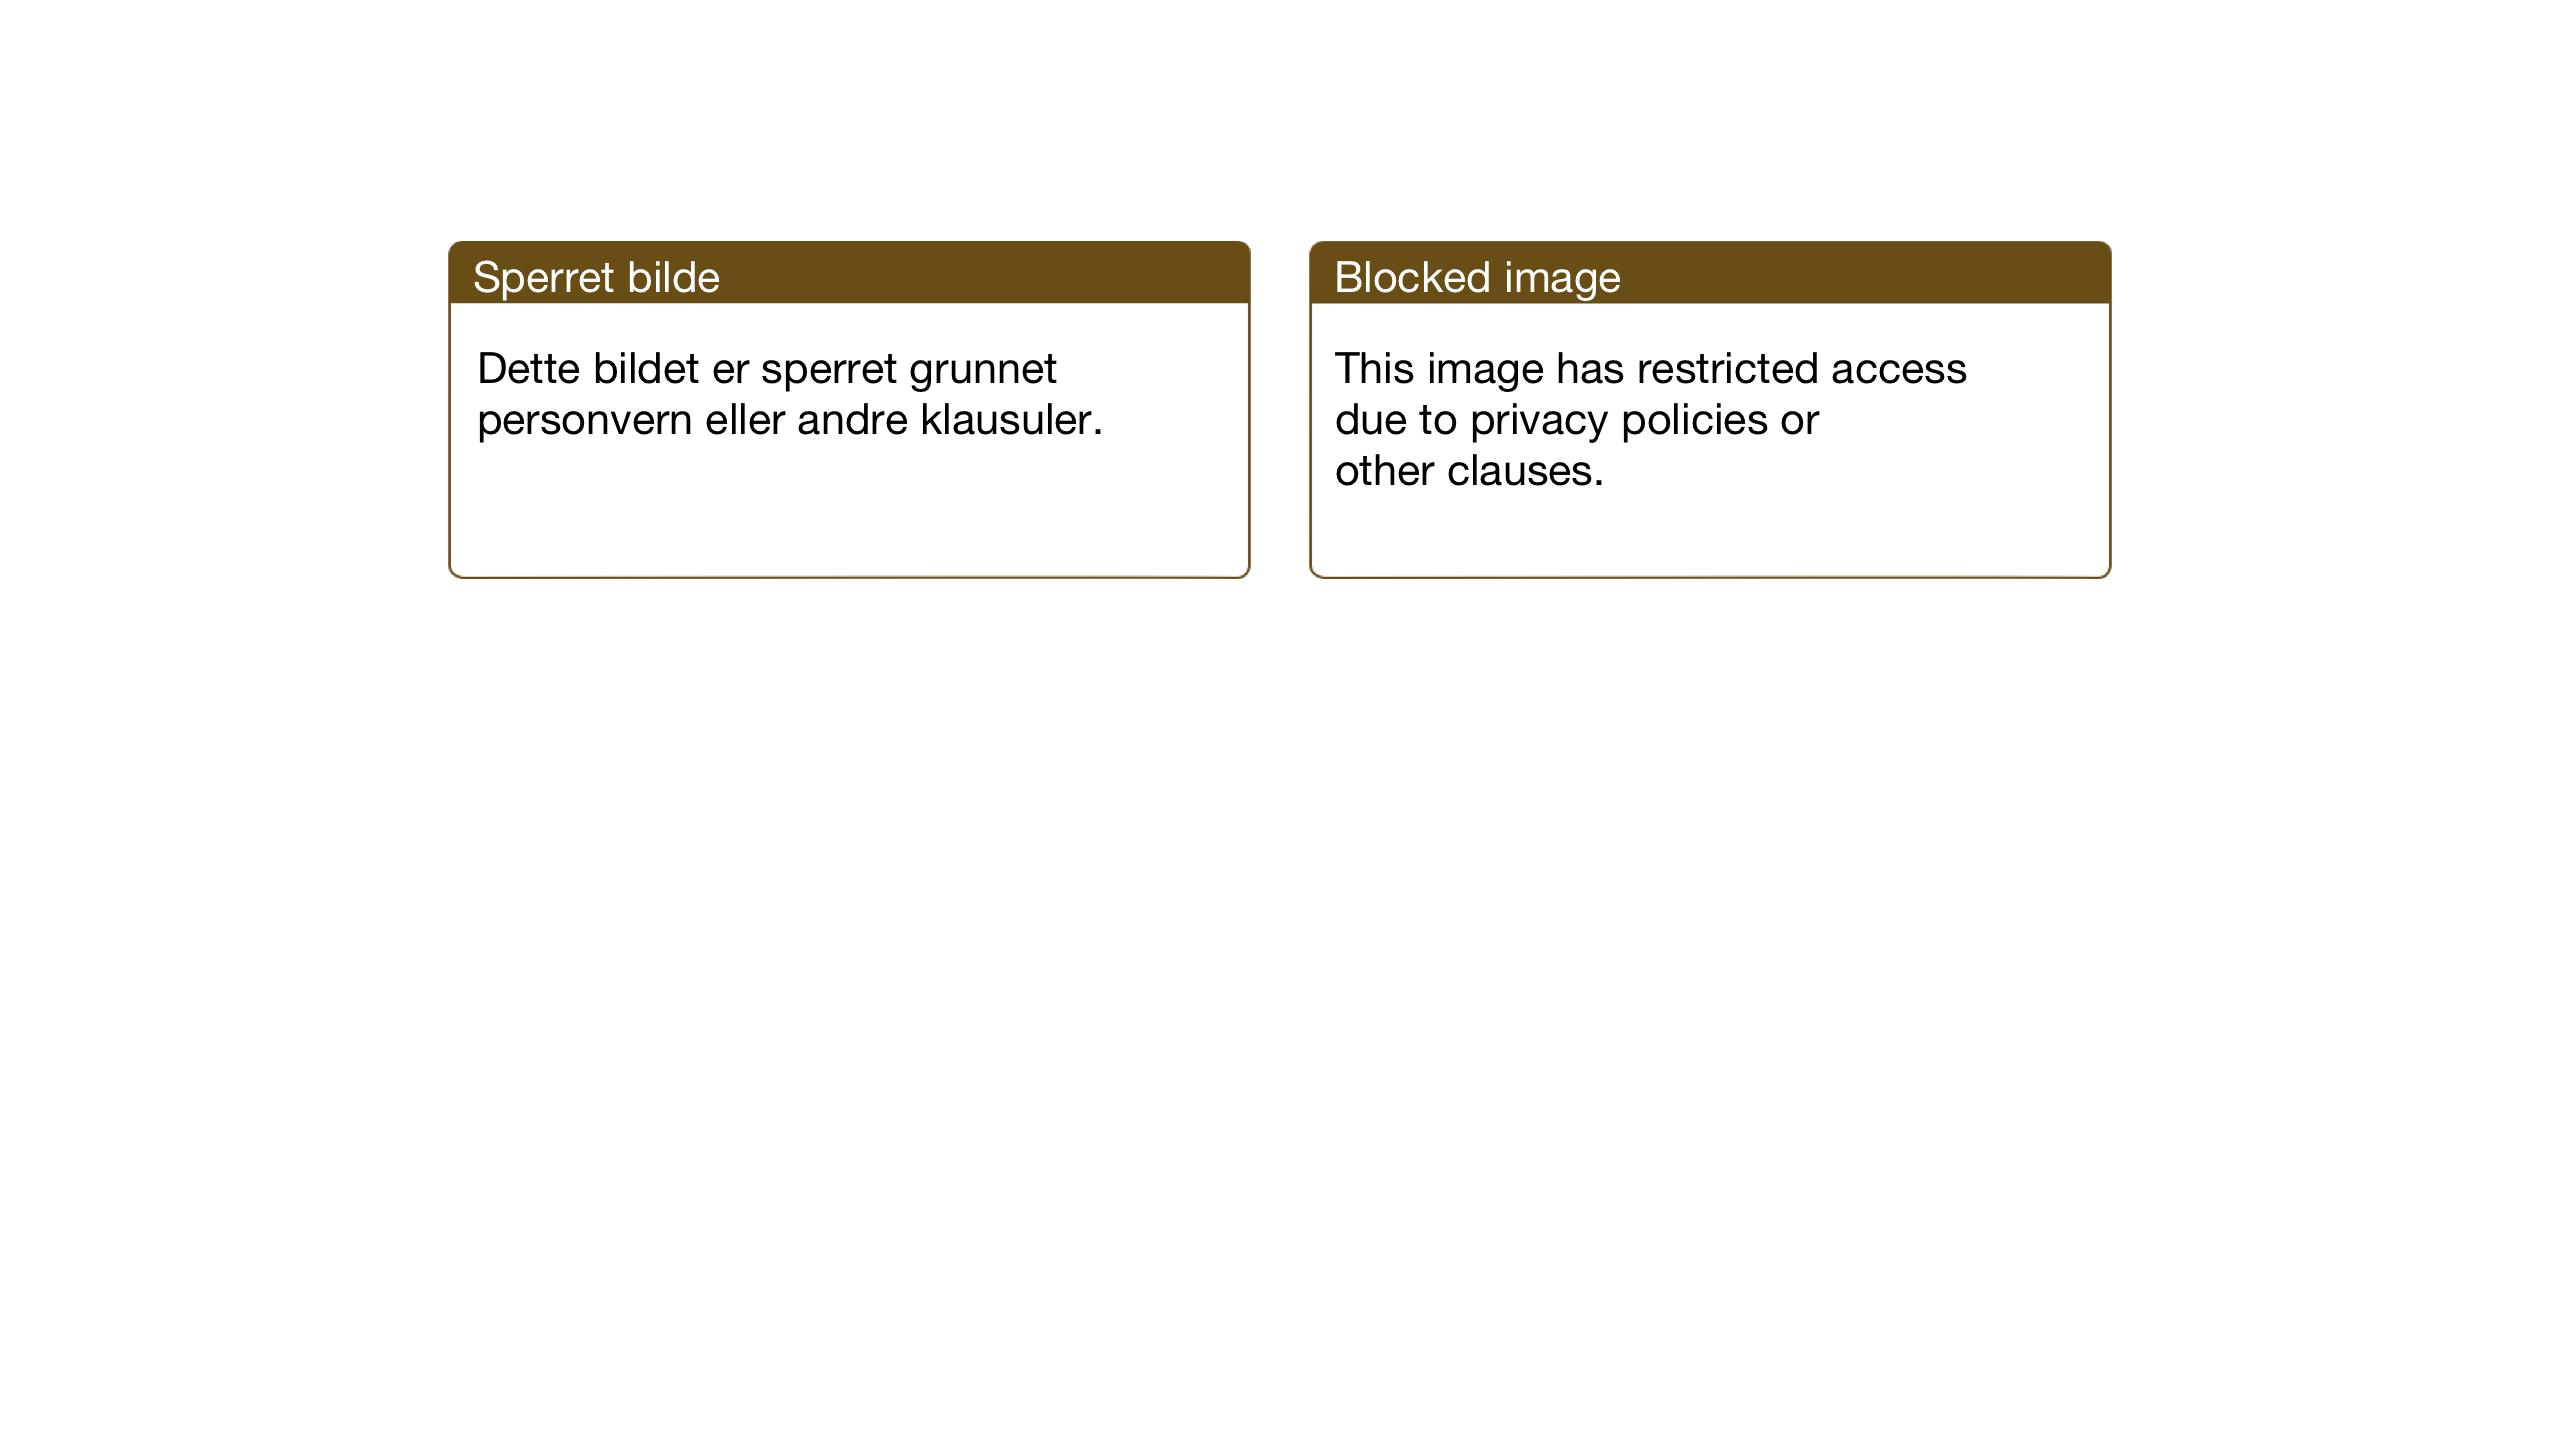 SAT, Ministerialprotokoller, klokkerbøker og fødselsregistre - Sør-Trøndelag, 602/L0153: Klokkerbok nr. 602C21, 1940-1949, s. 16